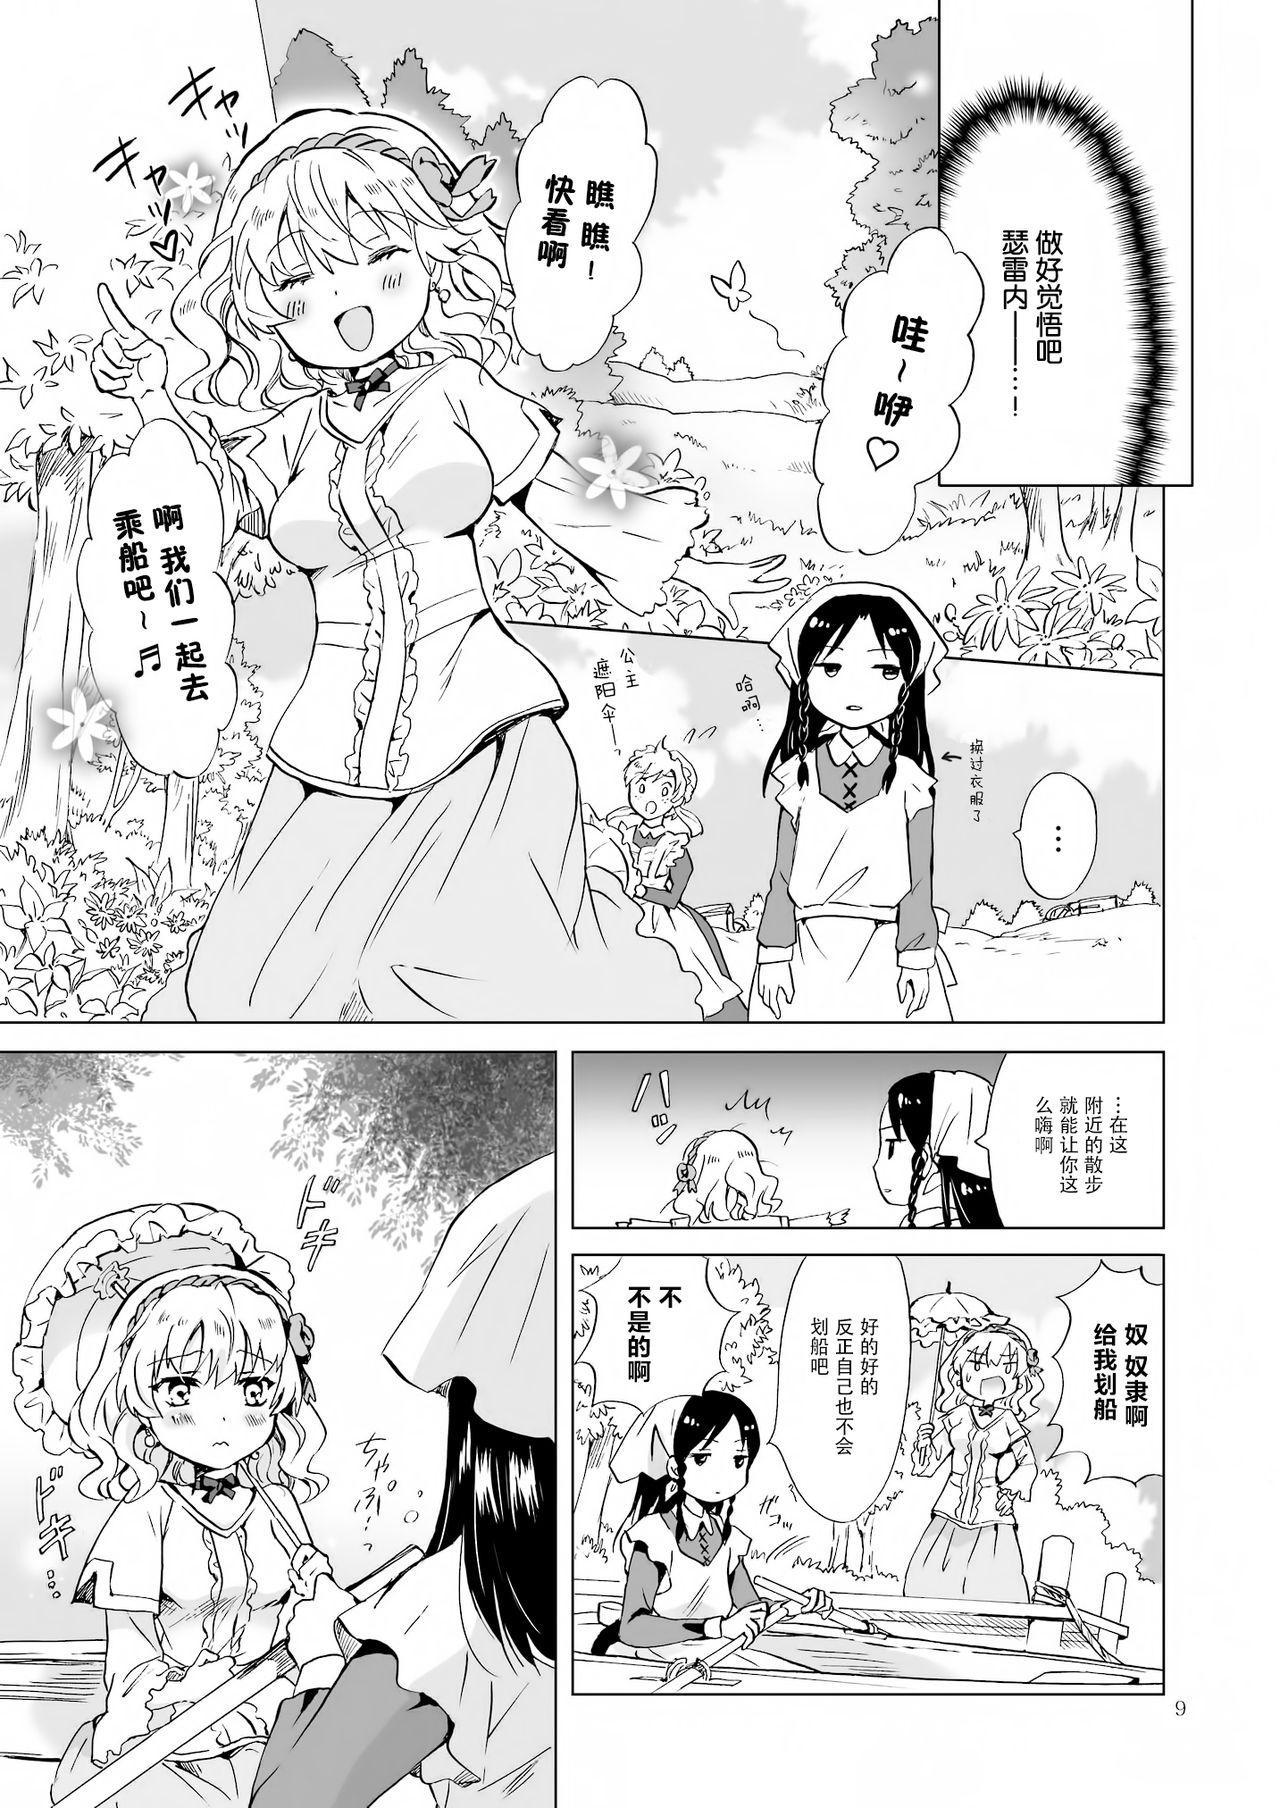 [peachpulsar (Mira)] Hime-sama to Dorei-chan [Chinese] [脸肿汉化组] [Digital] 8